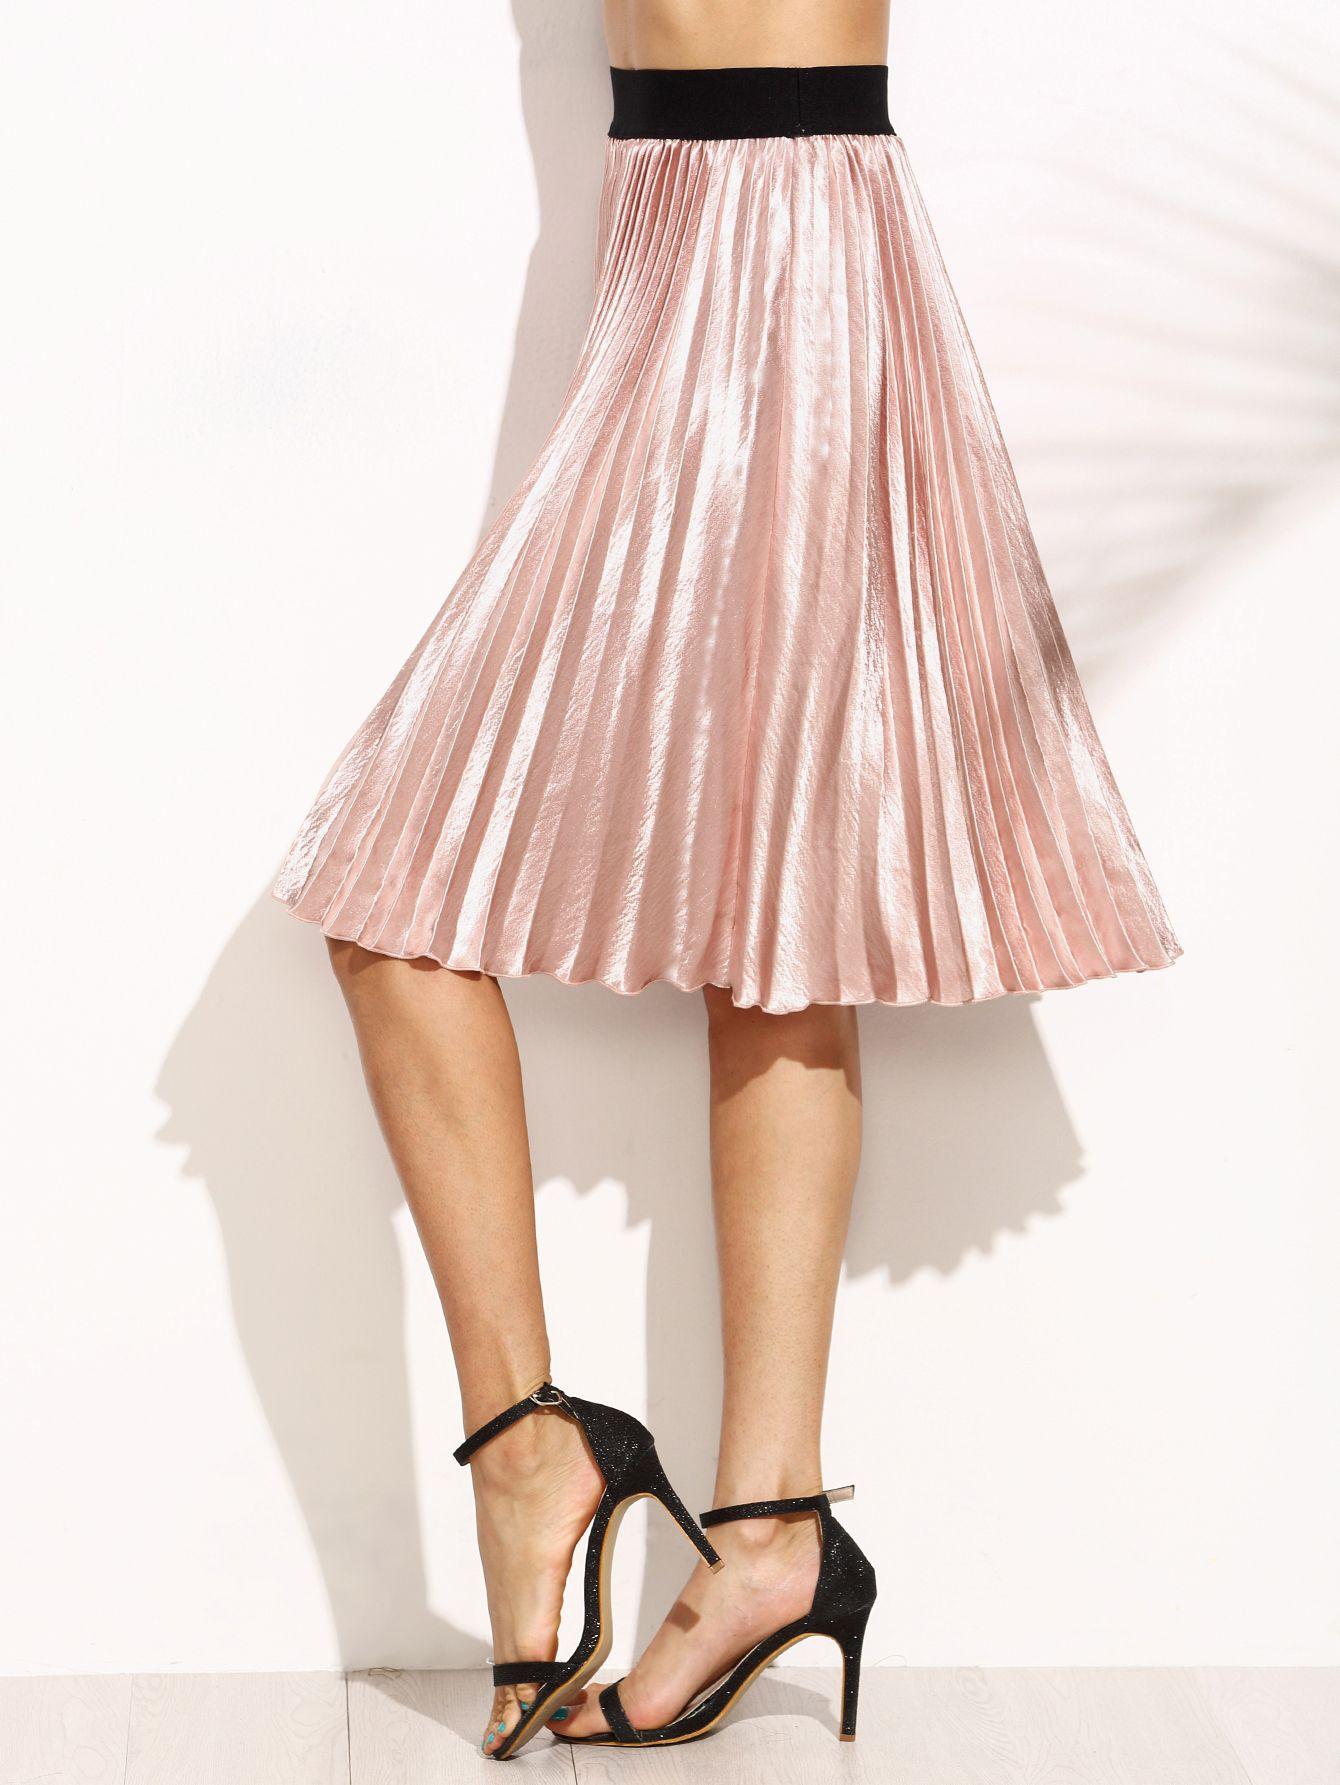 Contrast Waistband Pleated Satin Skirt | Satin skirt, Satin and ...